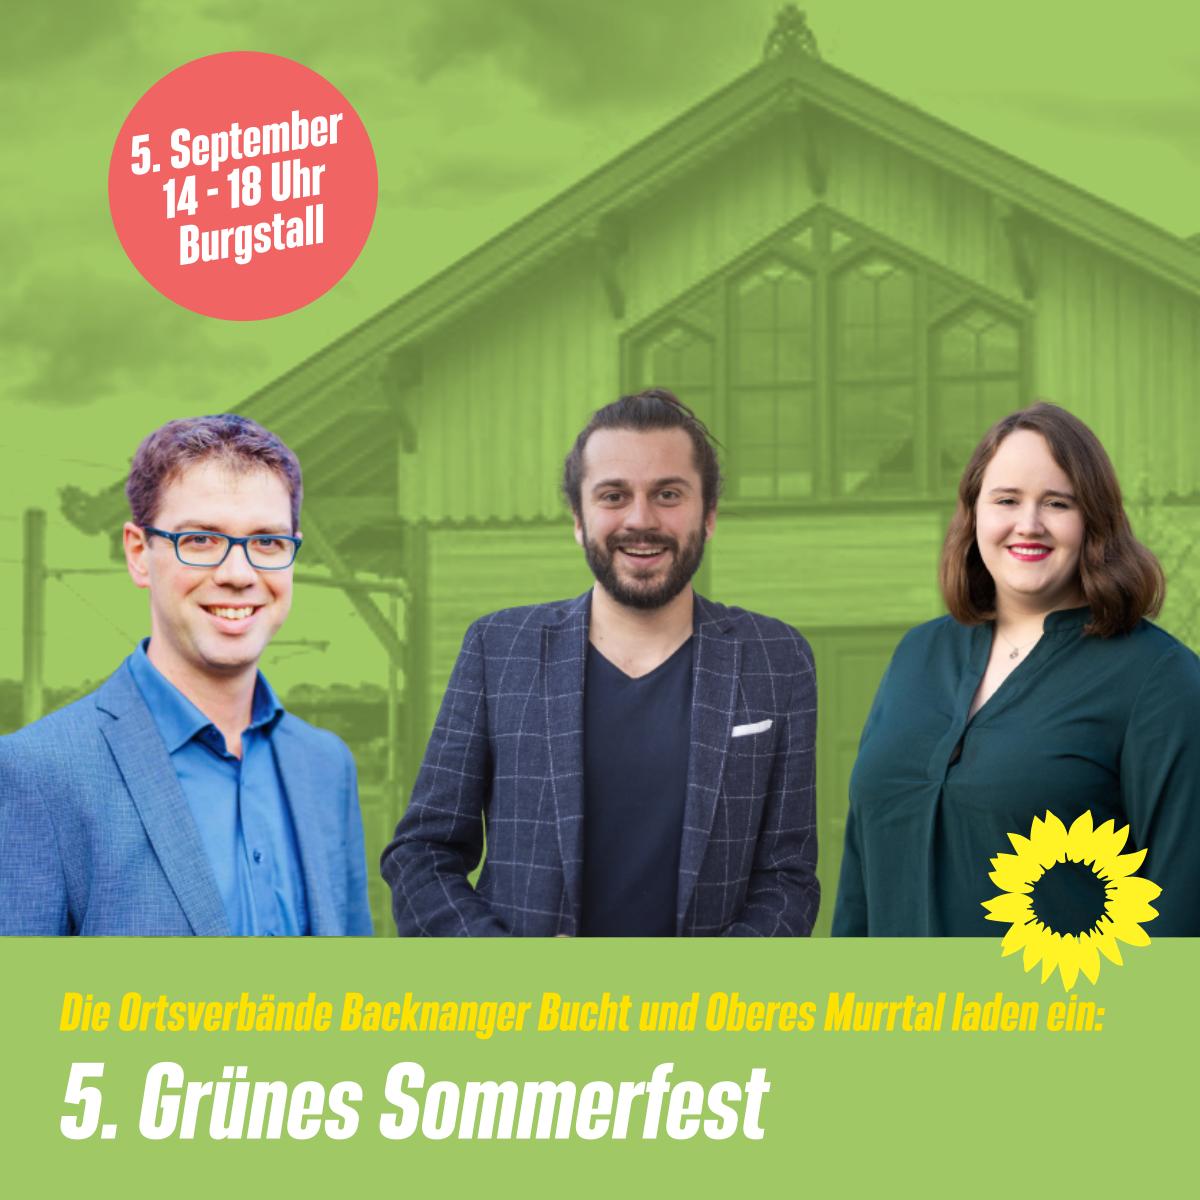 5. Grünes Sommerfest der Ortsverbände Backnanger Bucht und Oberes Murrtal